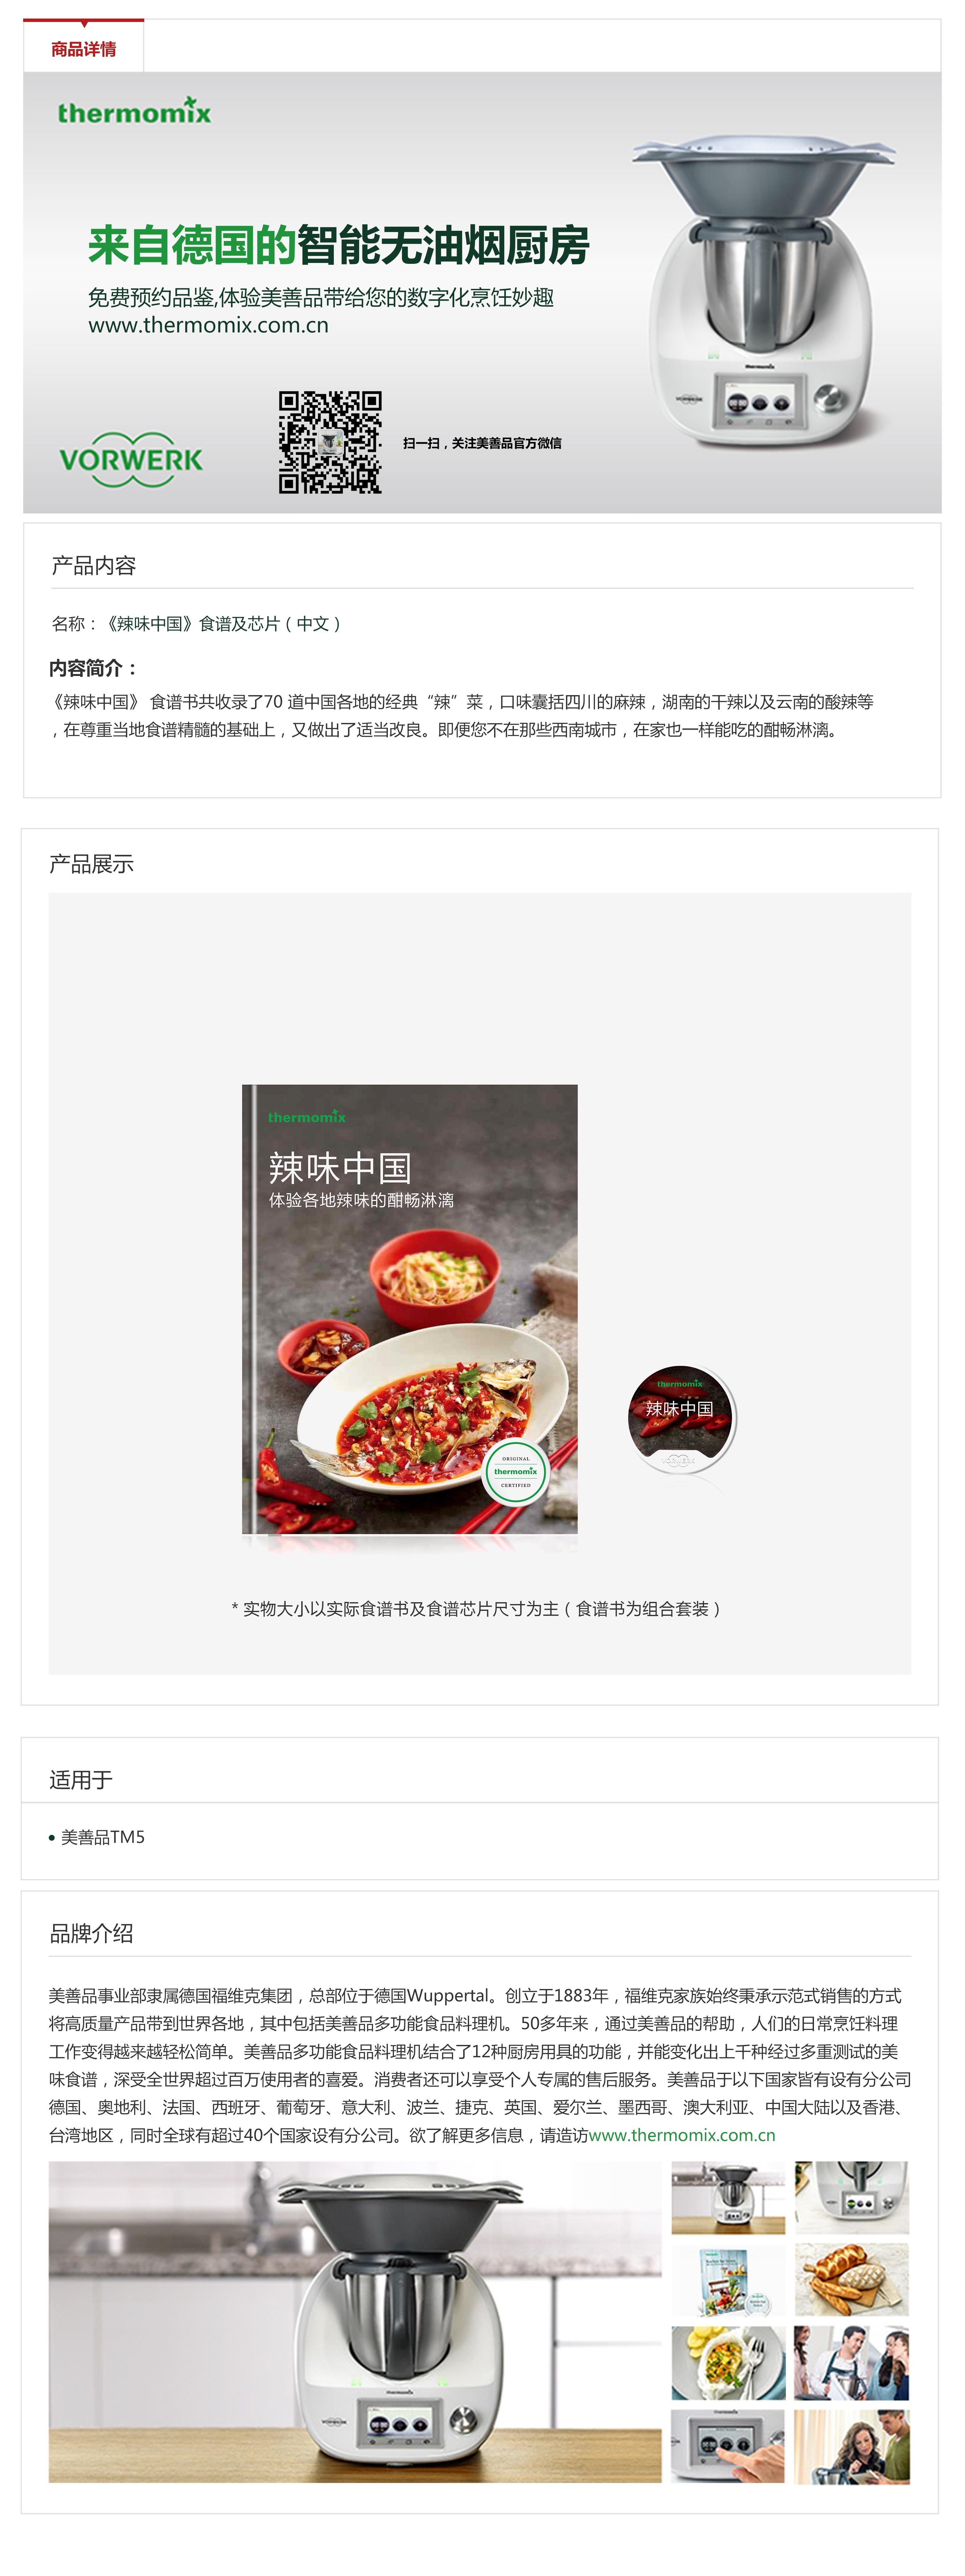 辣味中国食谱书和芯片